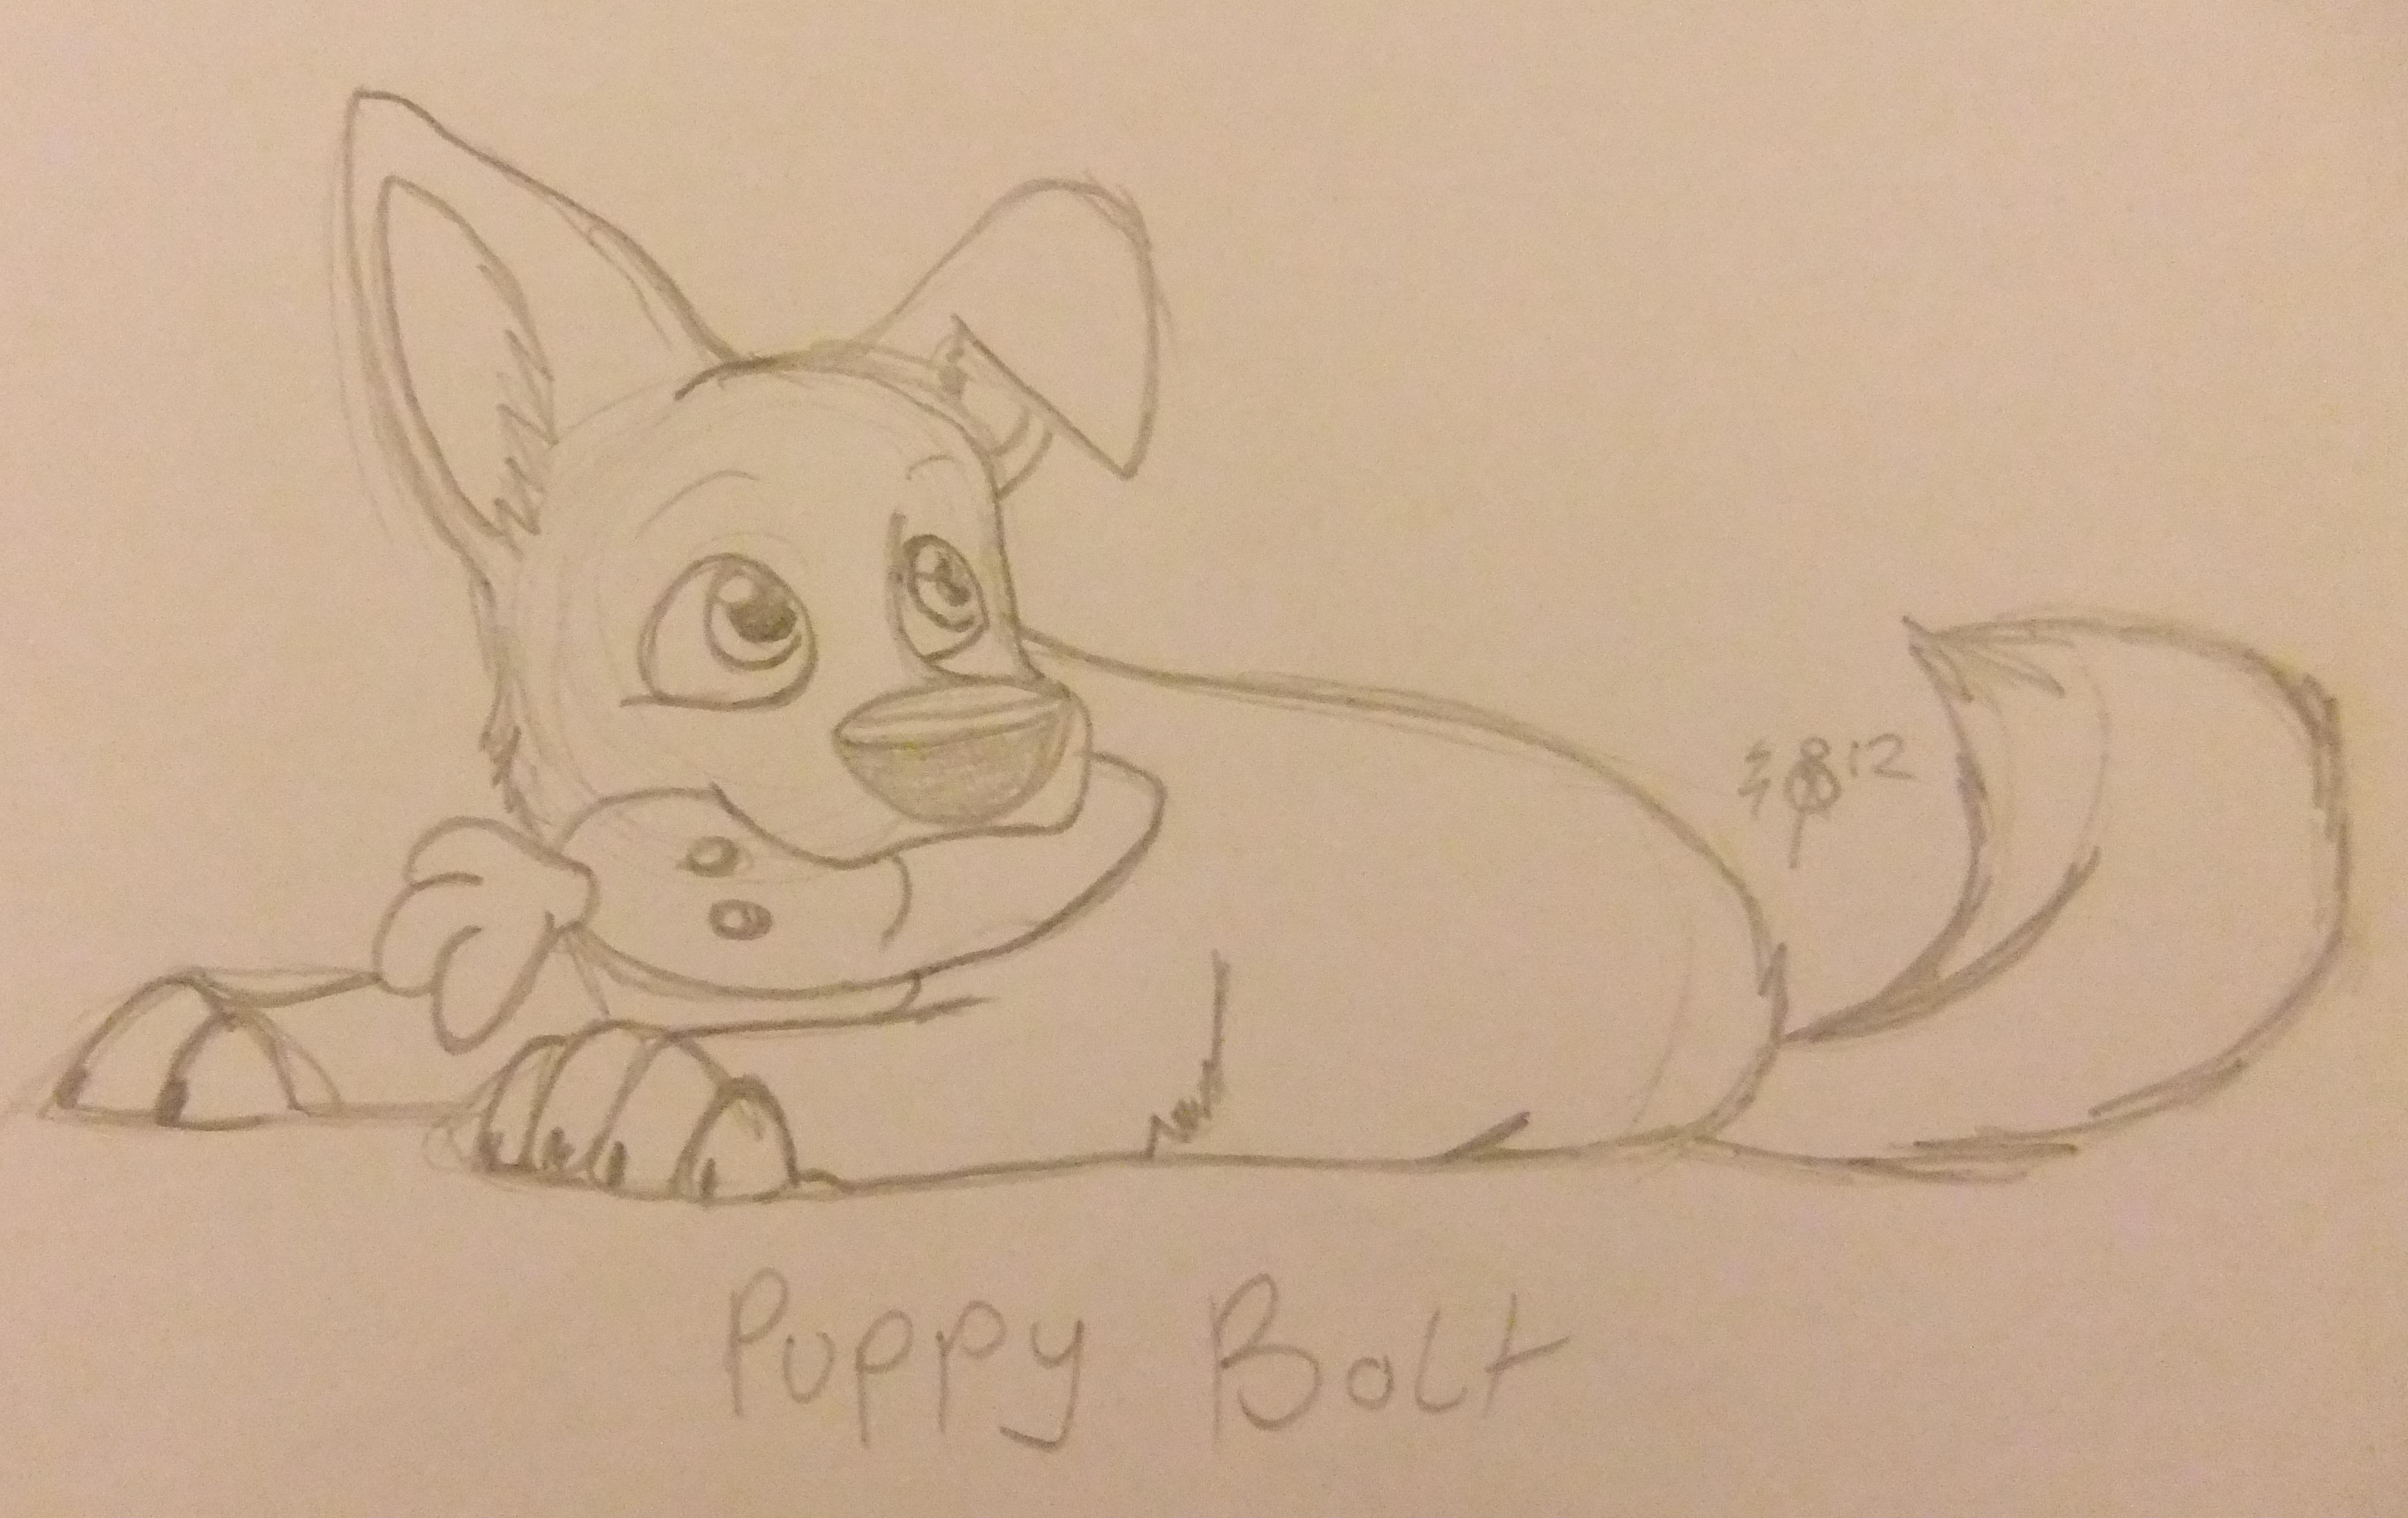 Puppy Bolt Weasyl